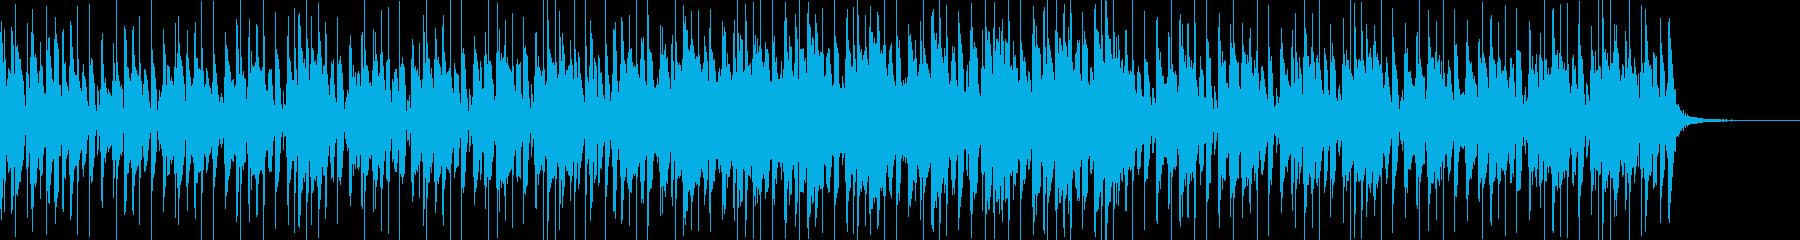 軽い緊迫感のあるファンクの再生済みの波形